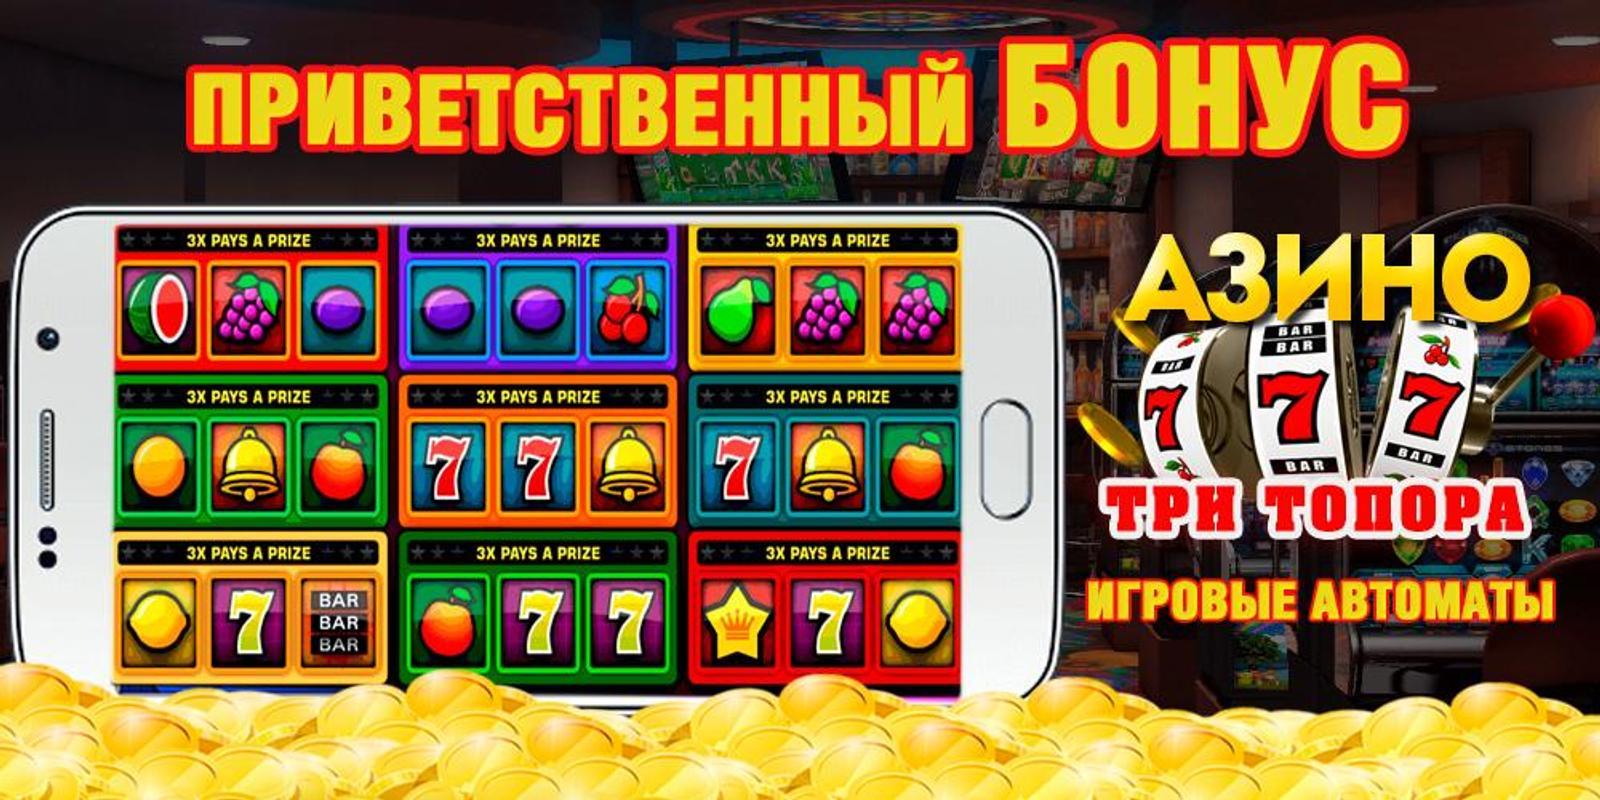 Официальное и рабочее зеркало онлайн казино Азино 777.